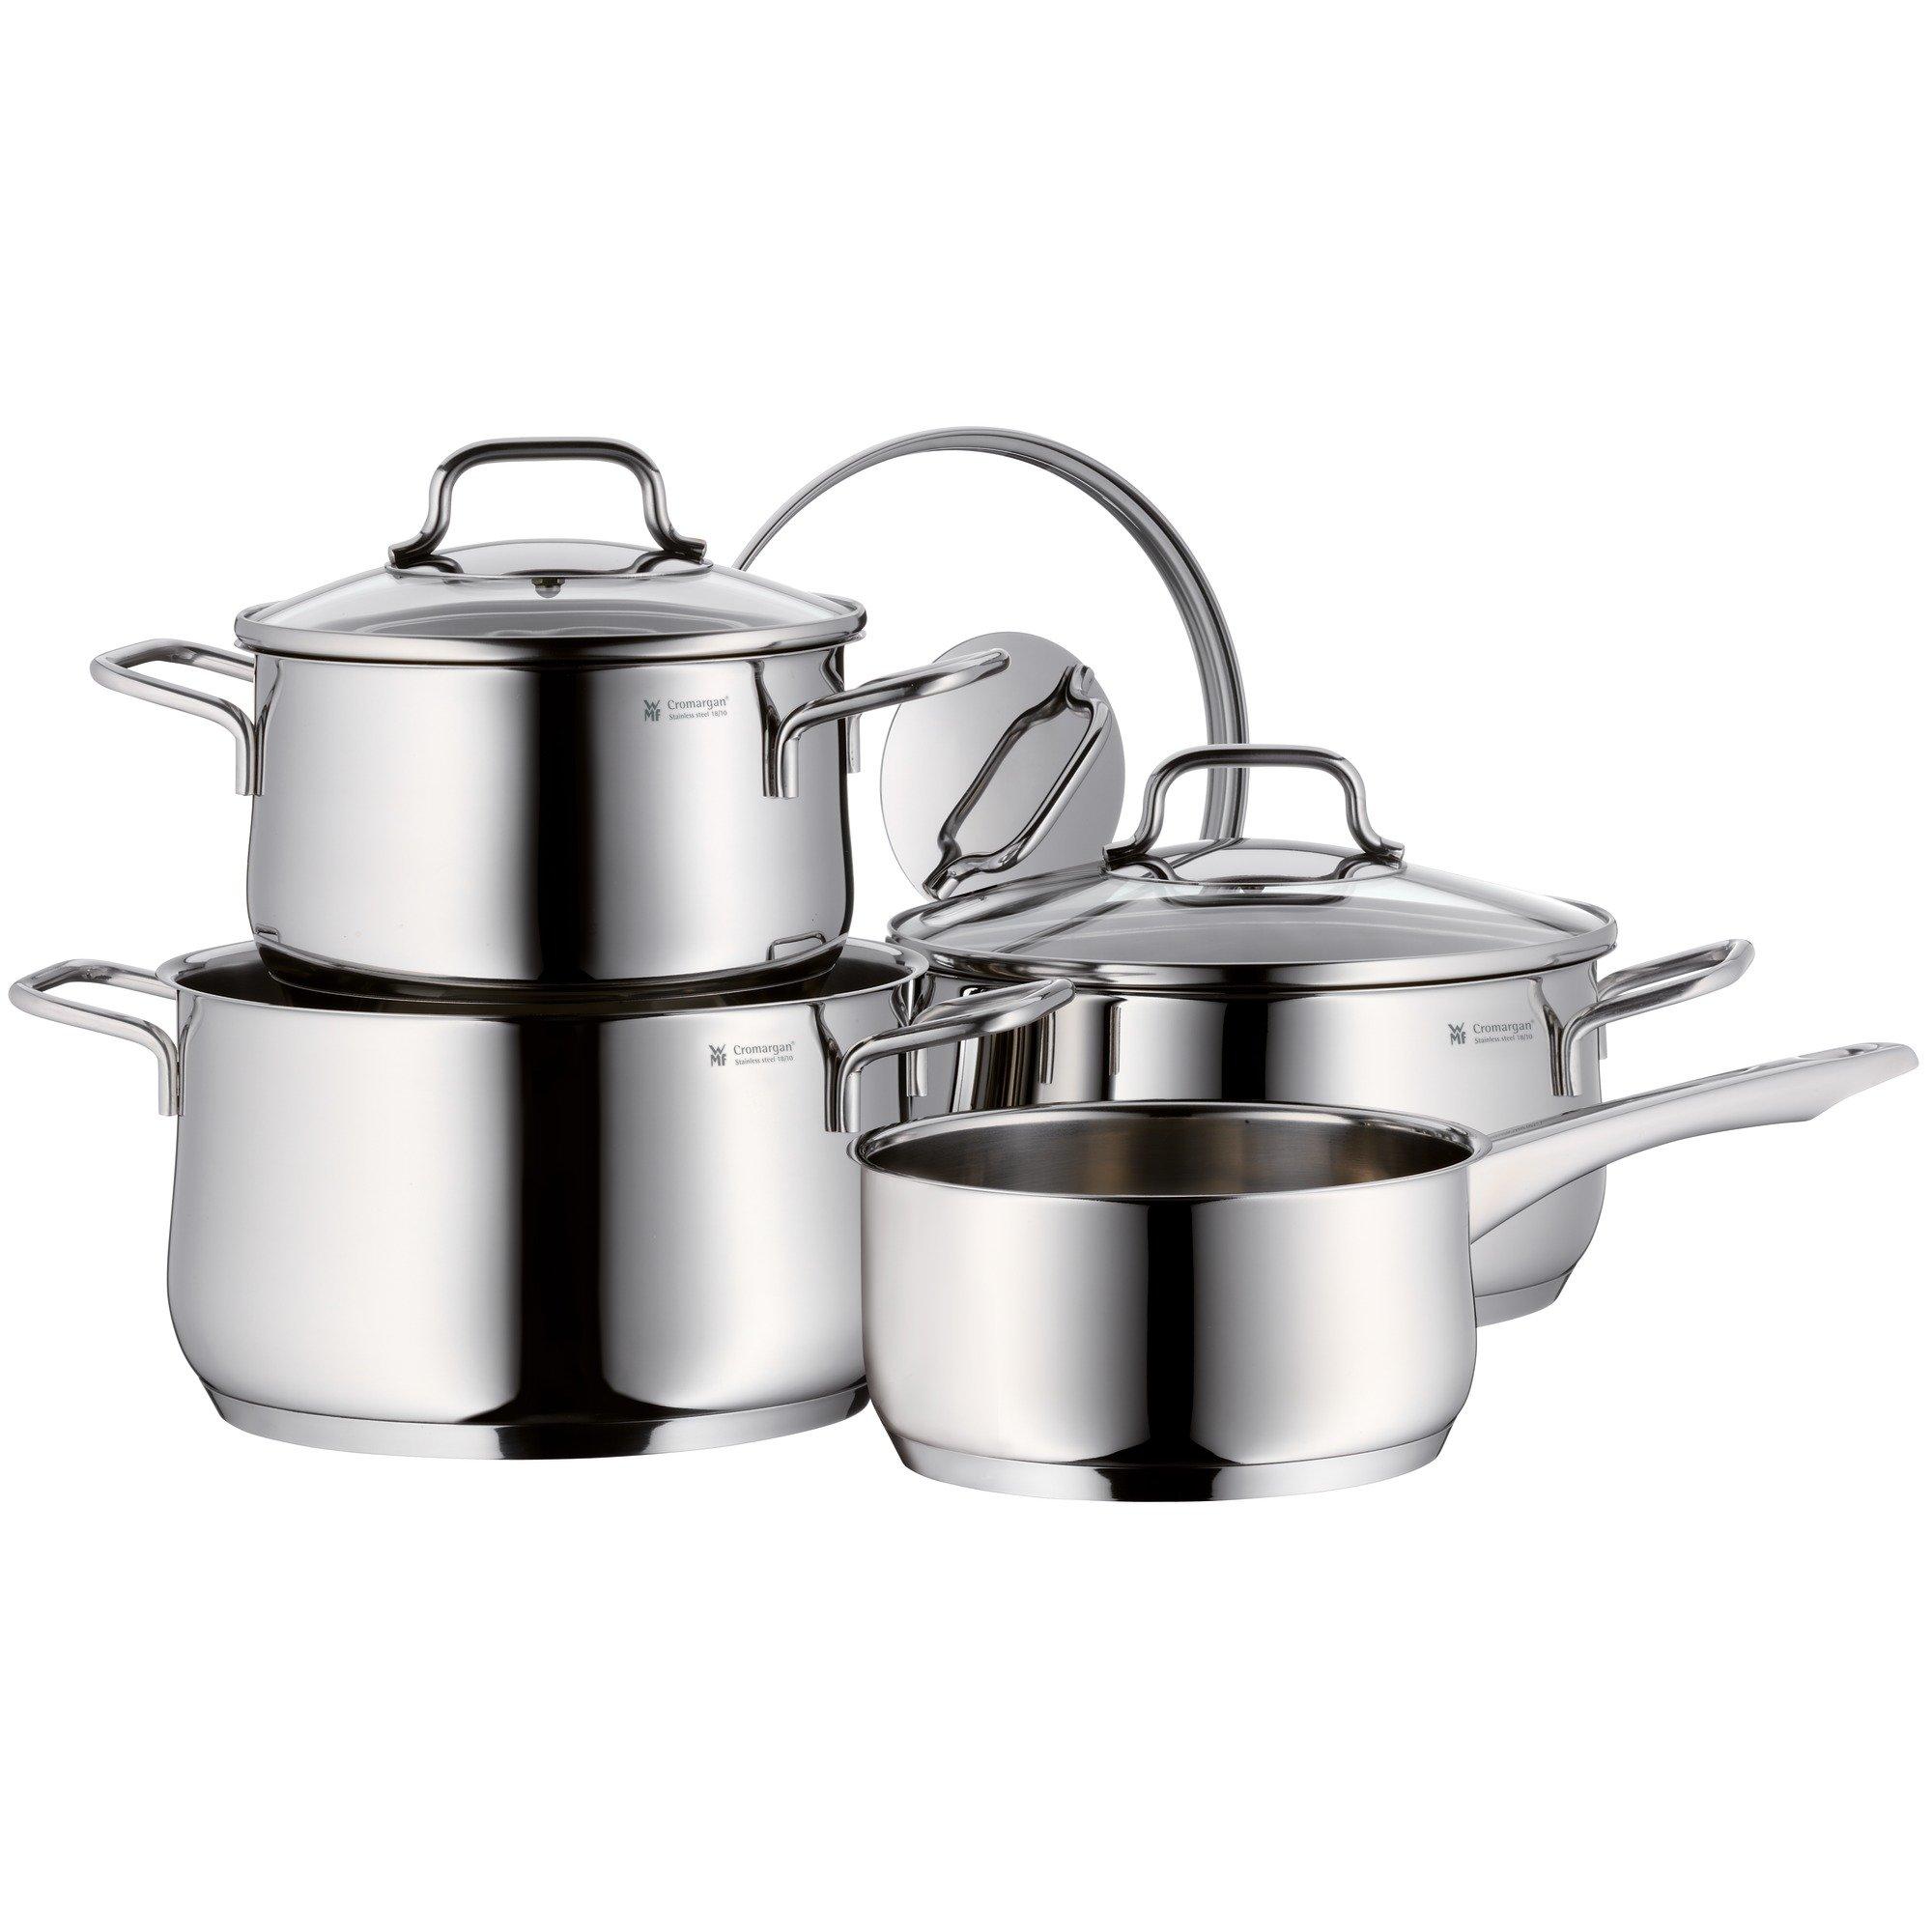 WMF Collier - Batería de Cocina, 4 Piezas product image